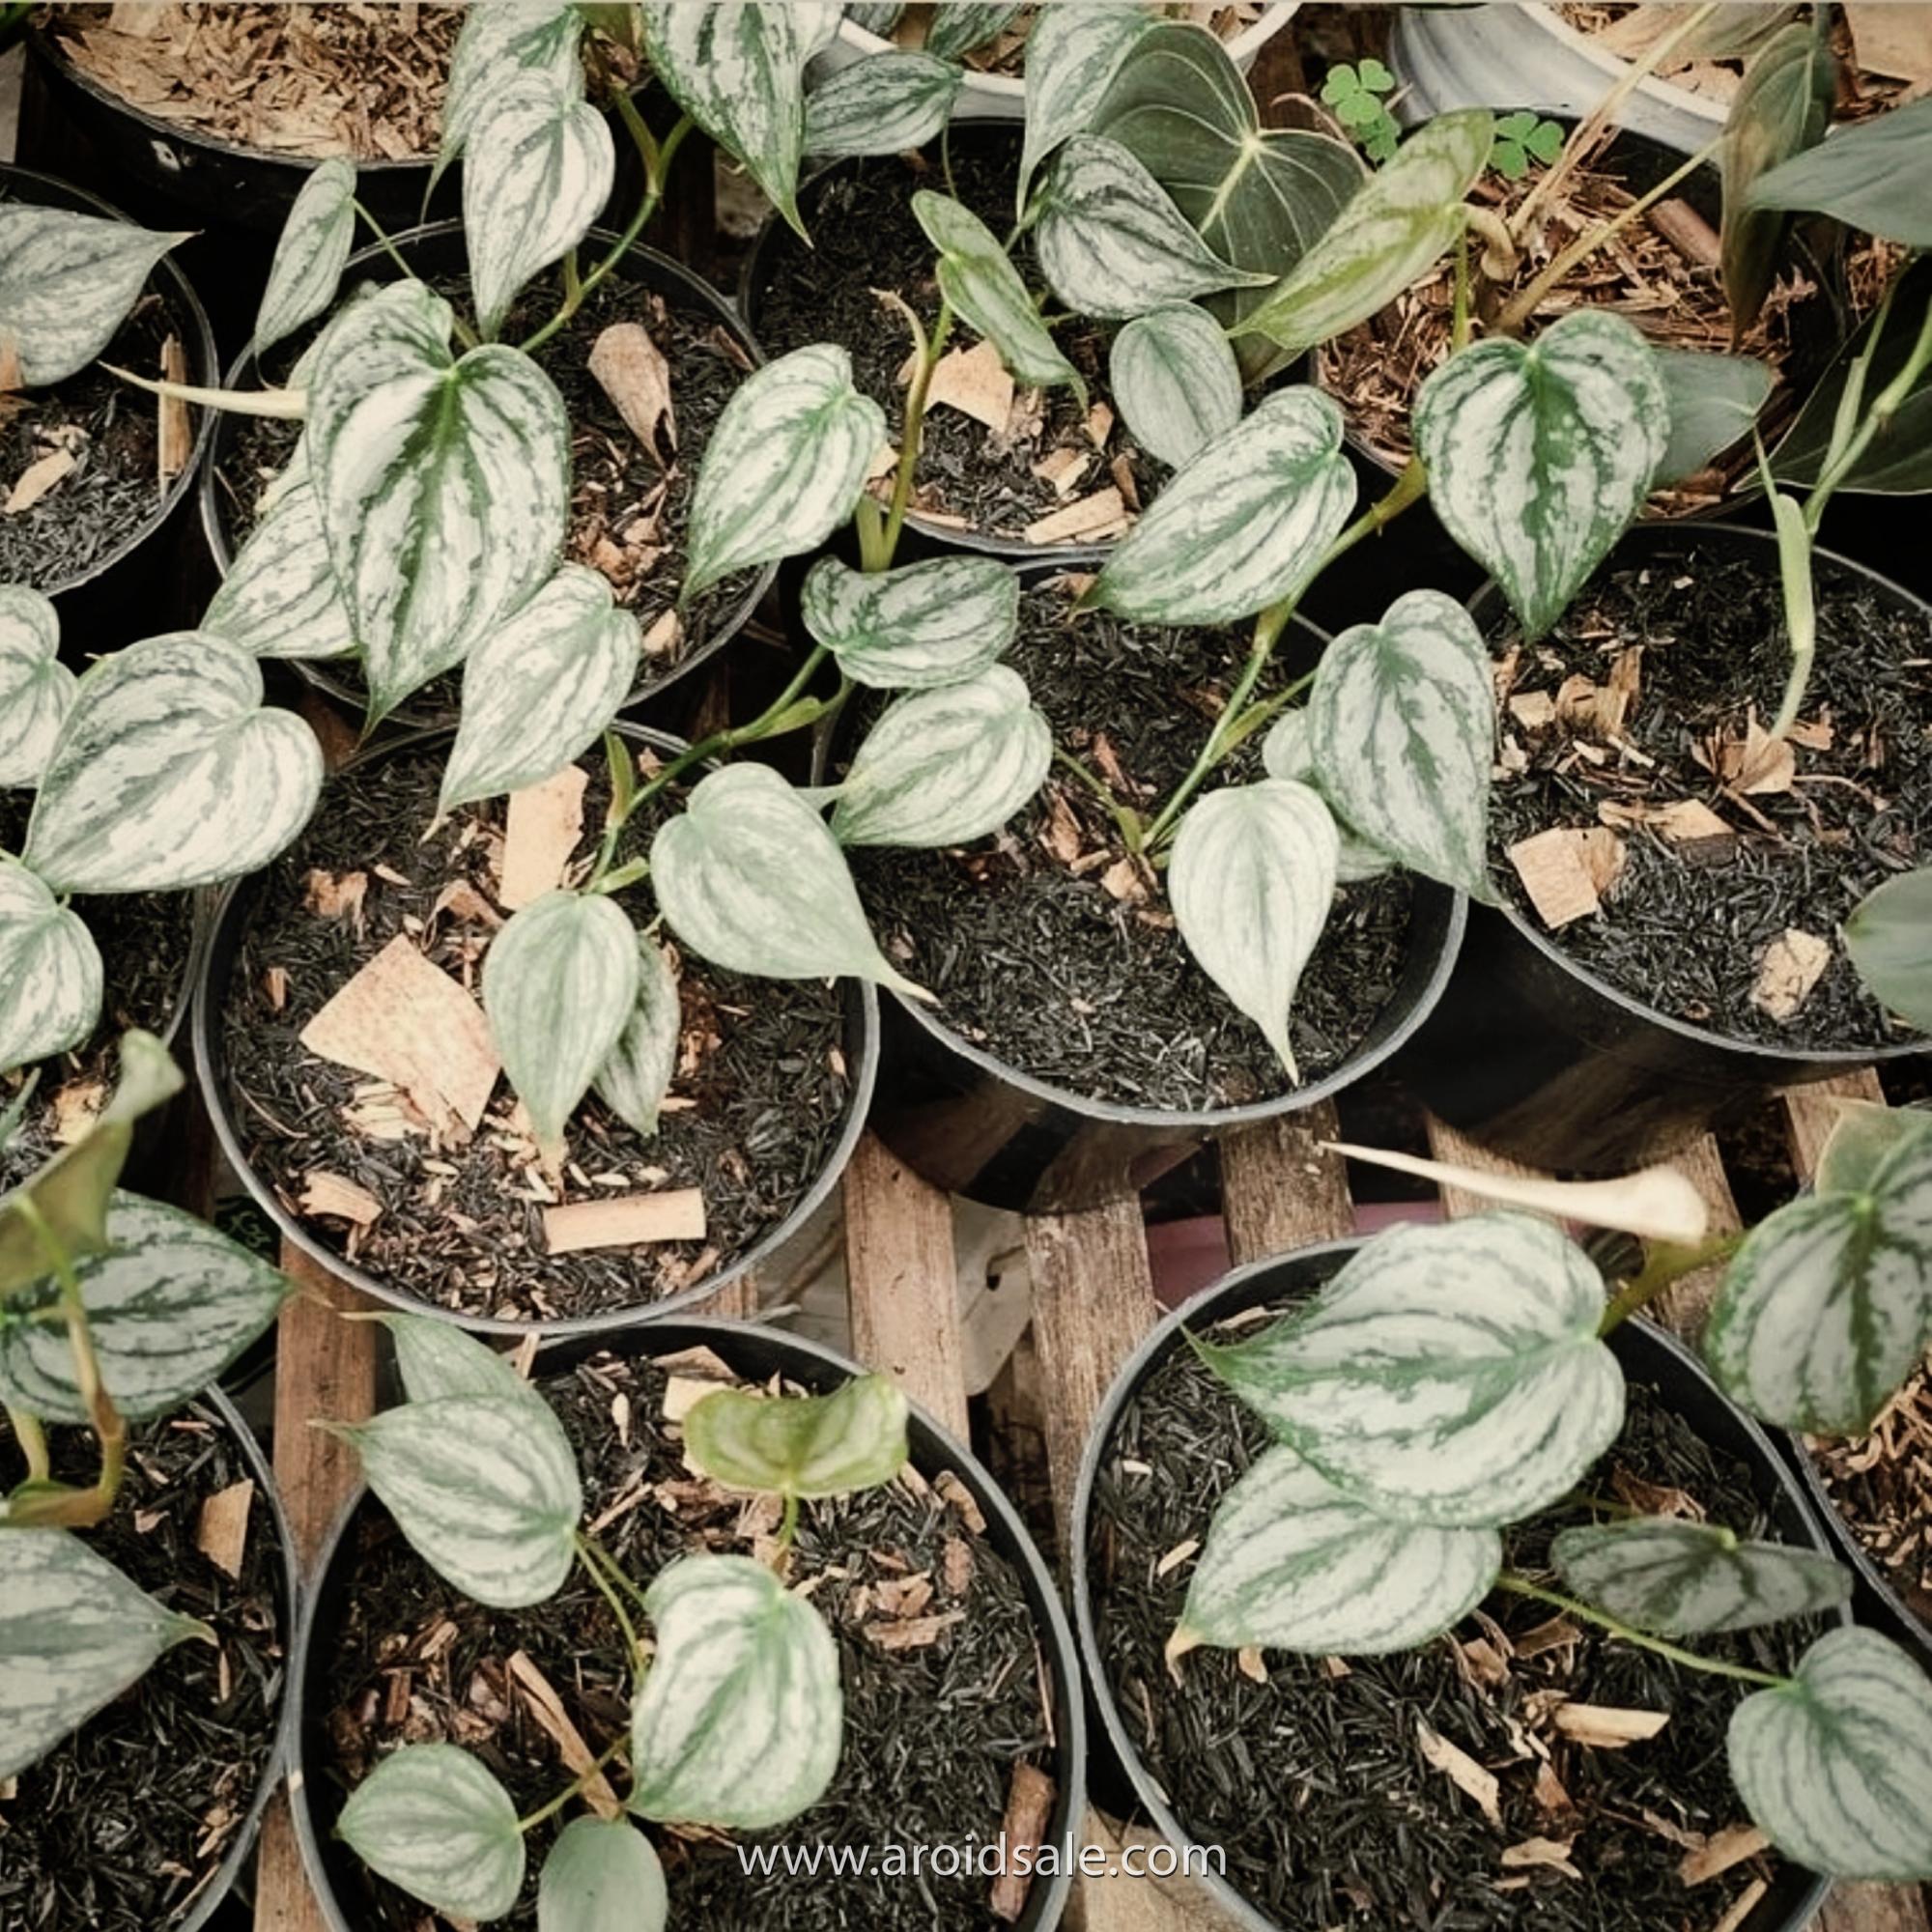 philodendron brandtianum, plants seller, plants shop, plants store, for sale, wholesale